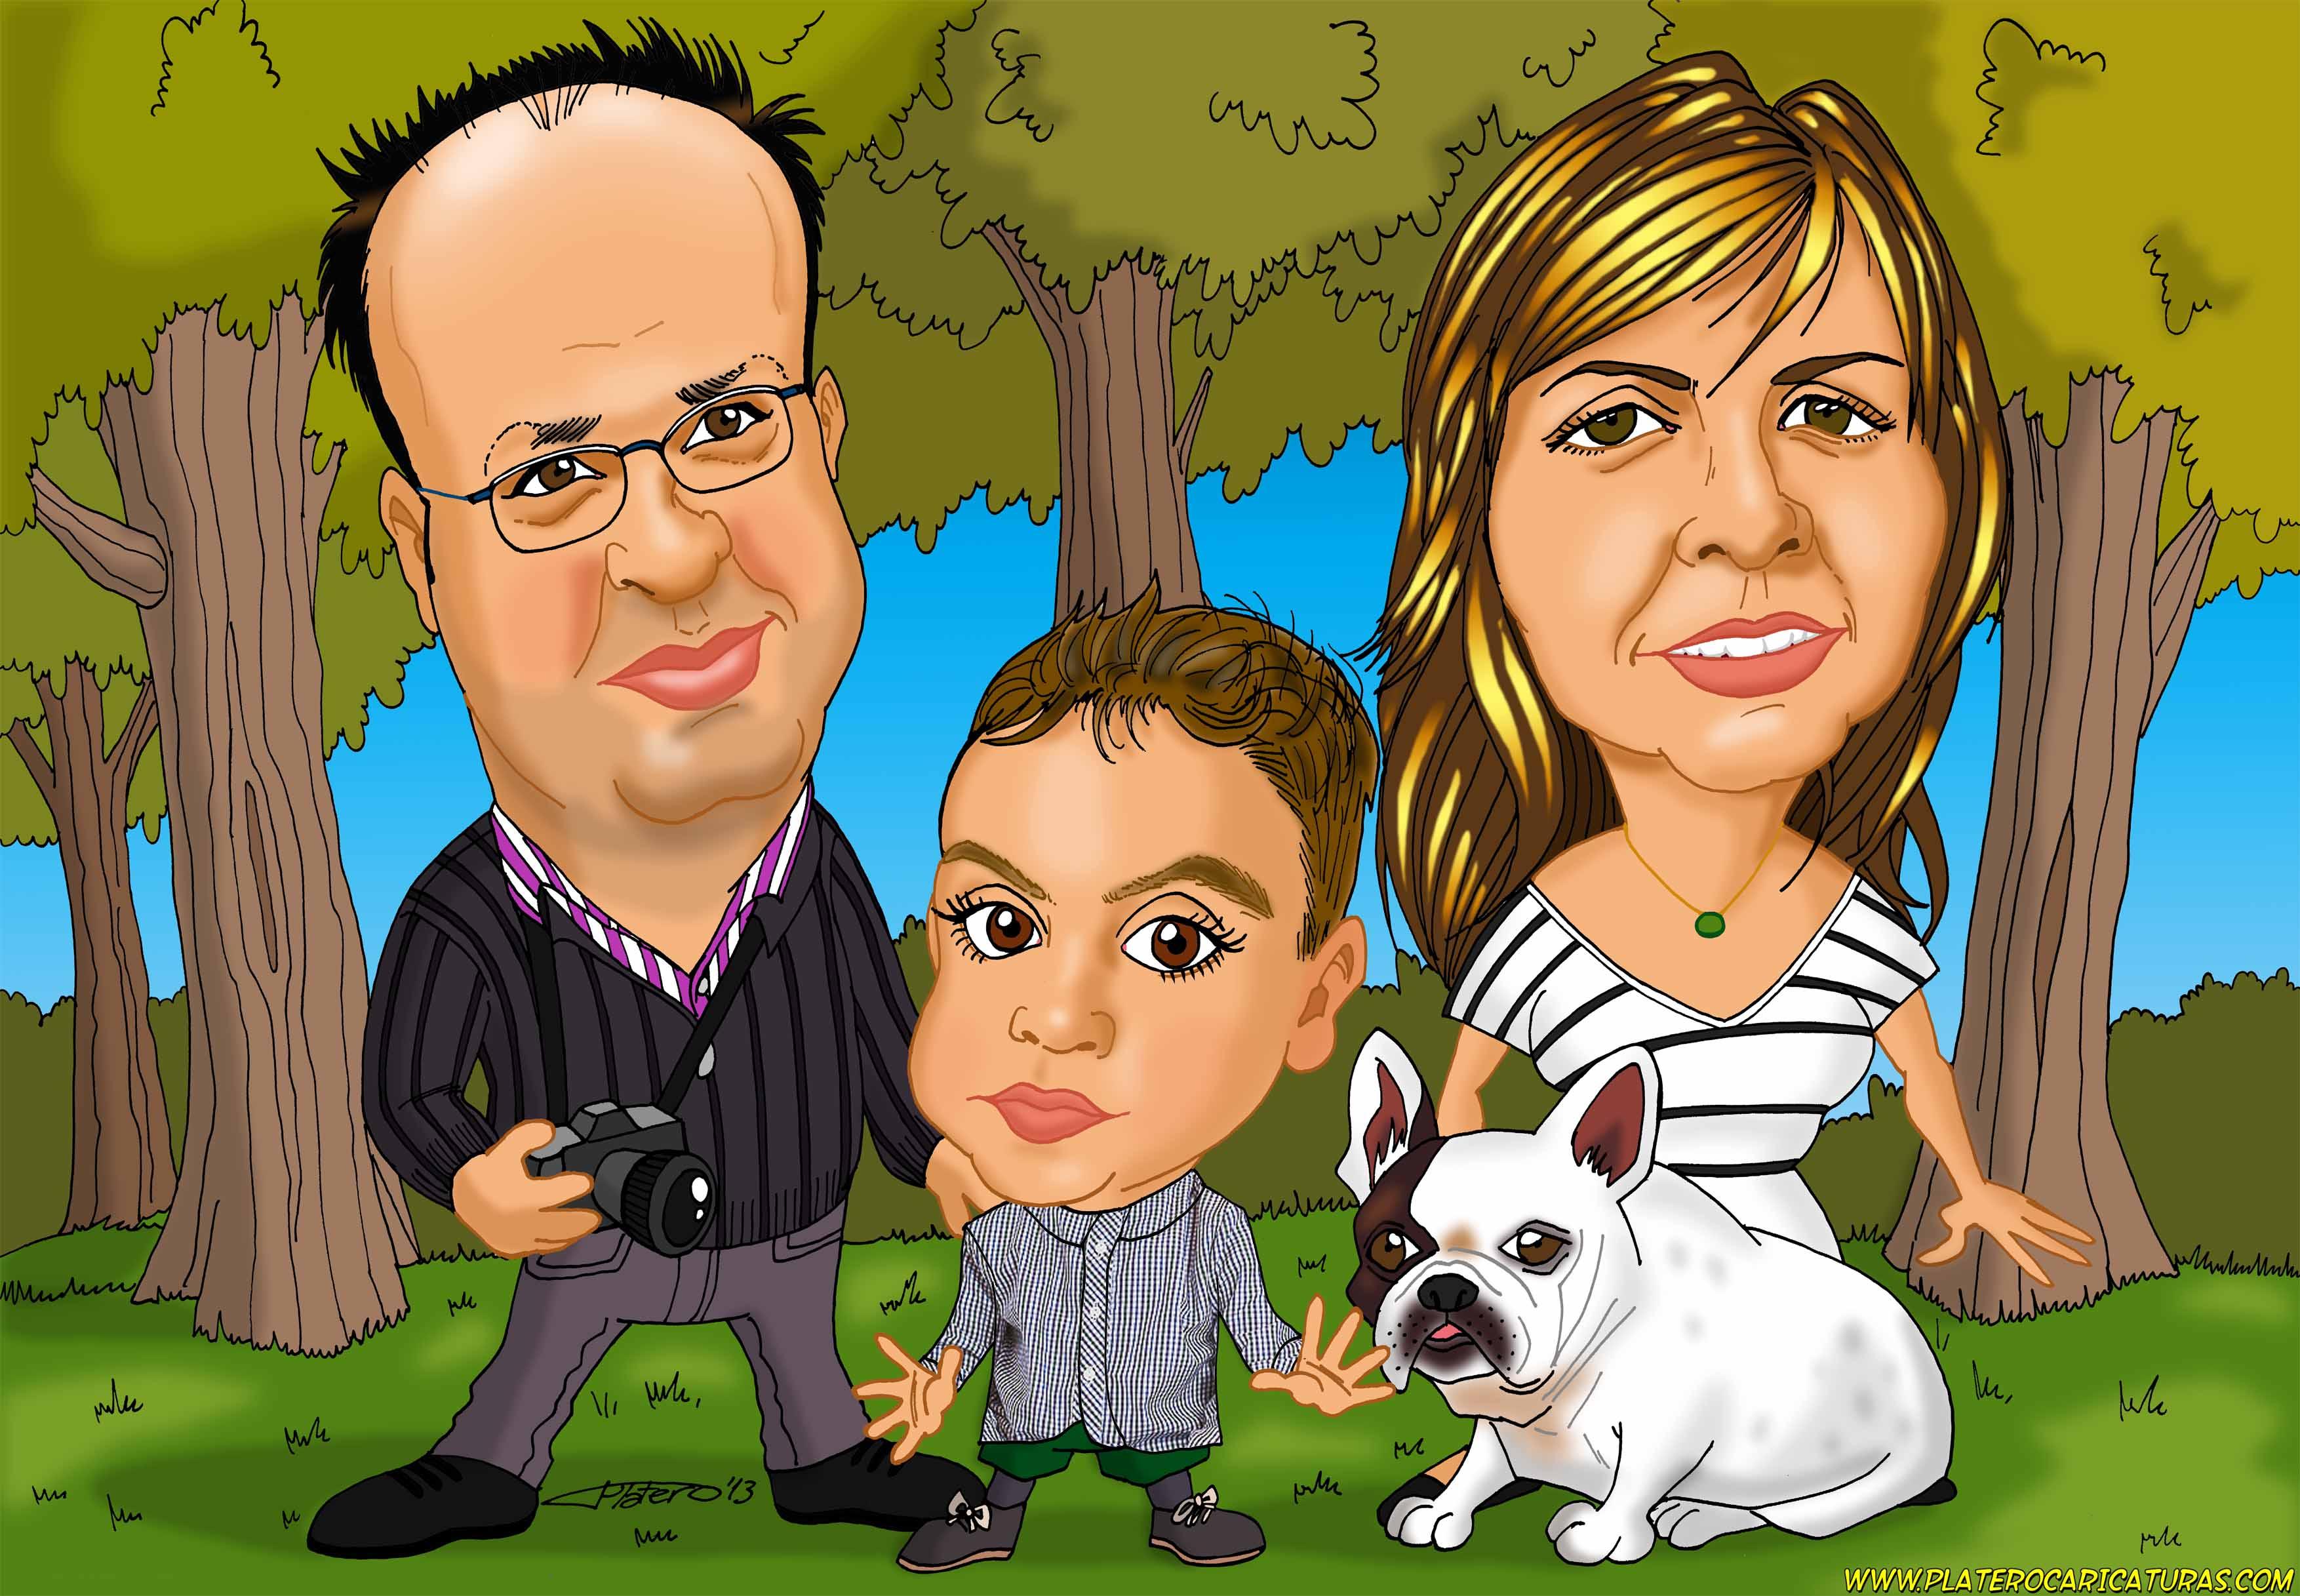 caricaturas a color por encargo personalizadas_familia_platerocaricaturas_josé l